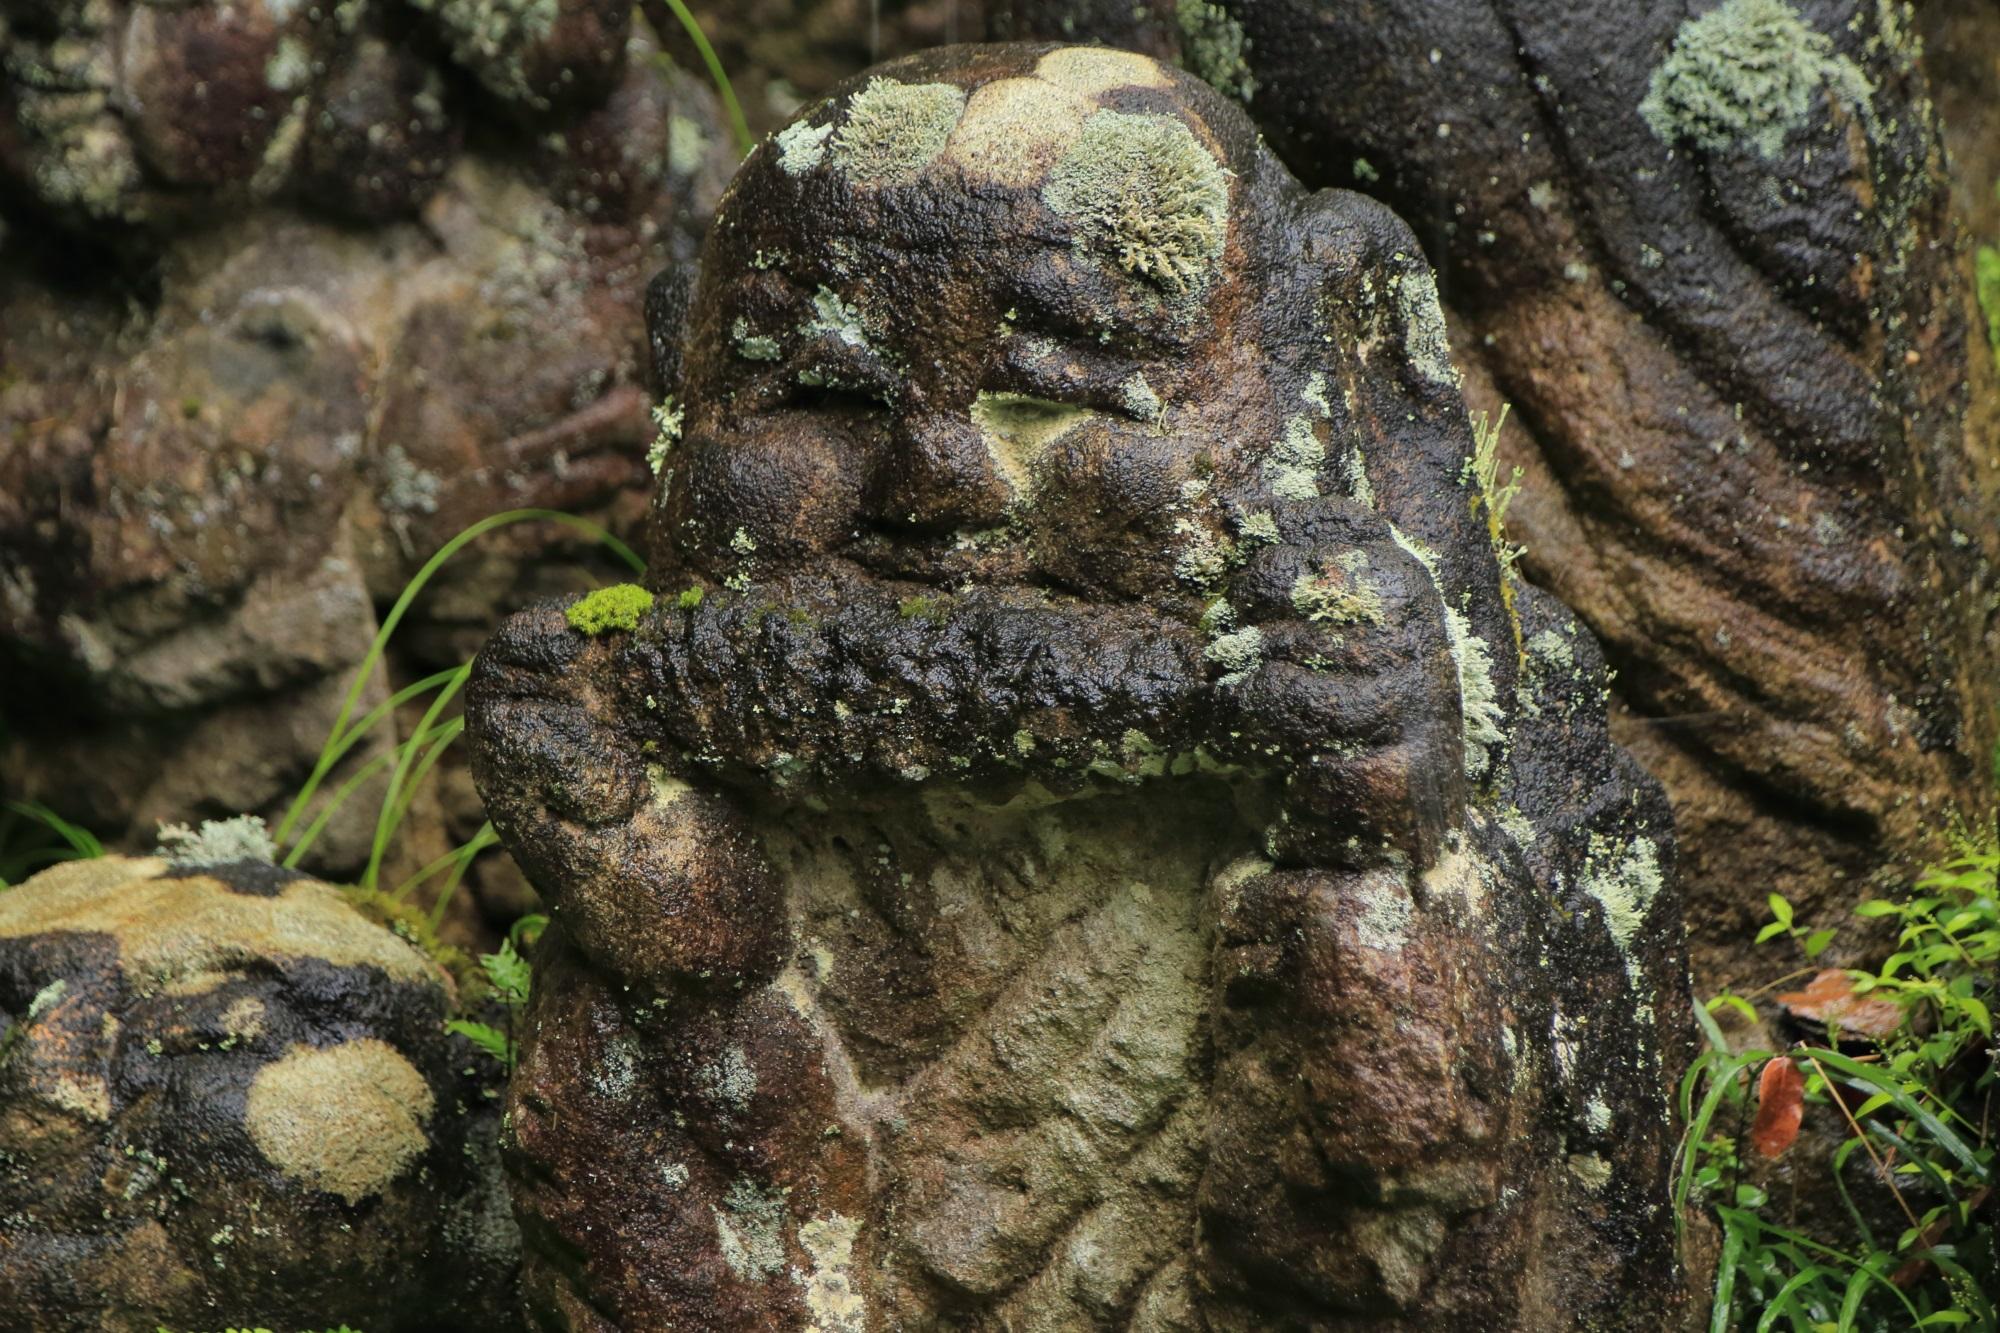 愛宕念仏寺のとうもろこしを食べる千二百羅漢